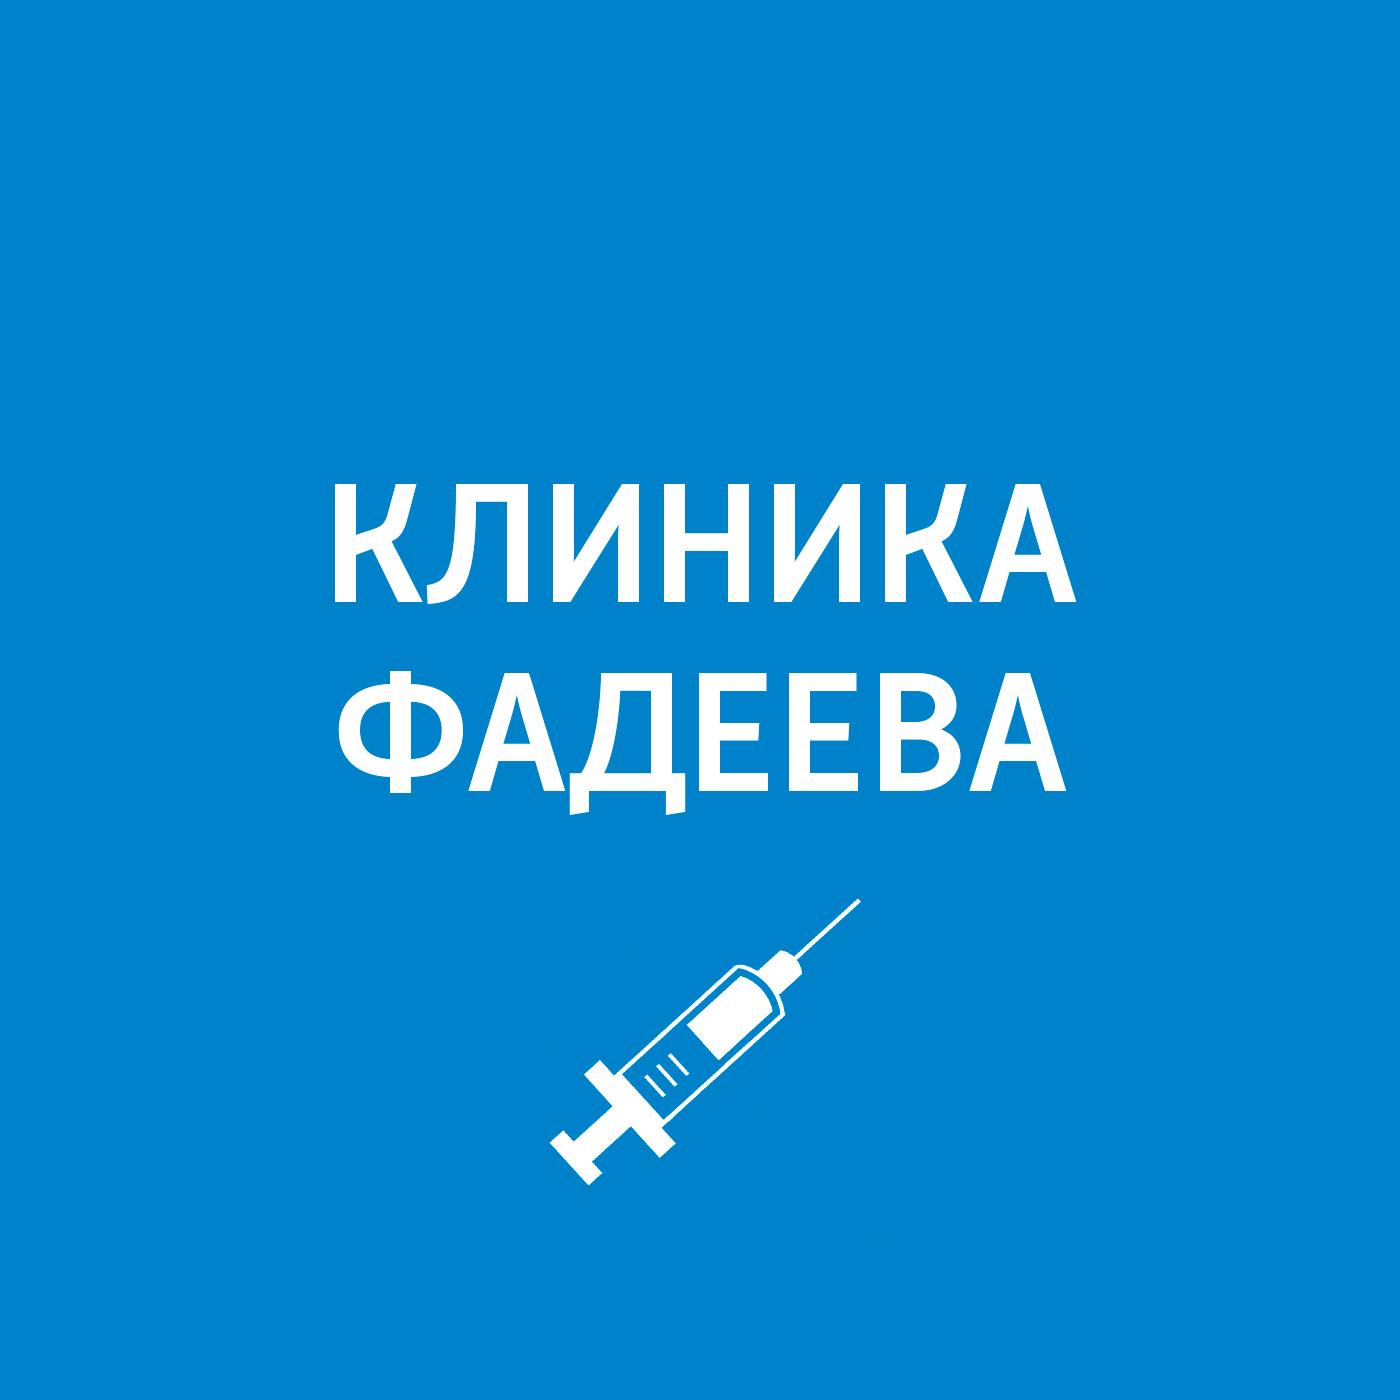 Пётр Фадеев Врач-эндокринолог: как уберечь себя от сахарного диабета ольга думенко пётр iii